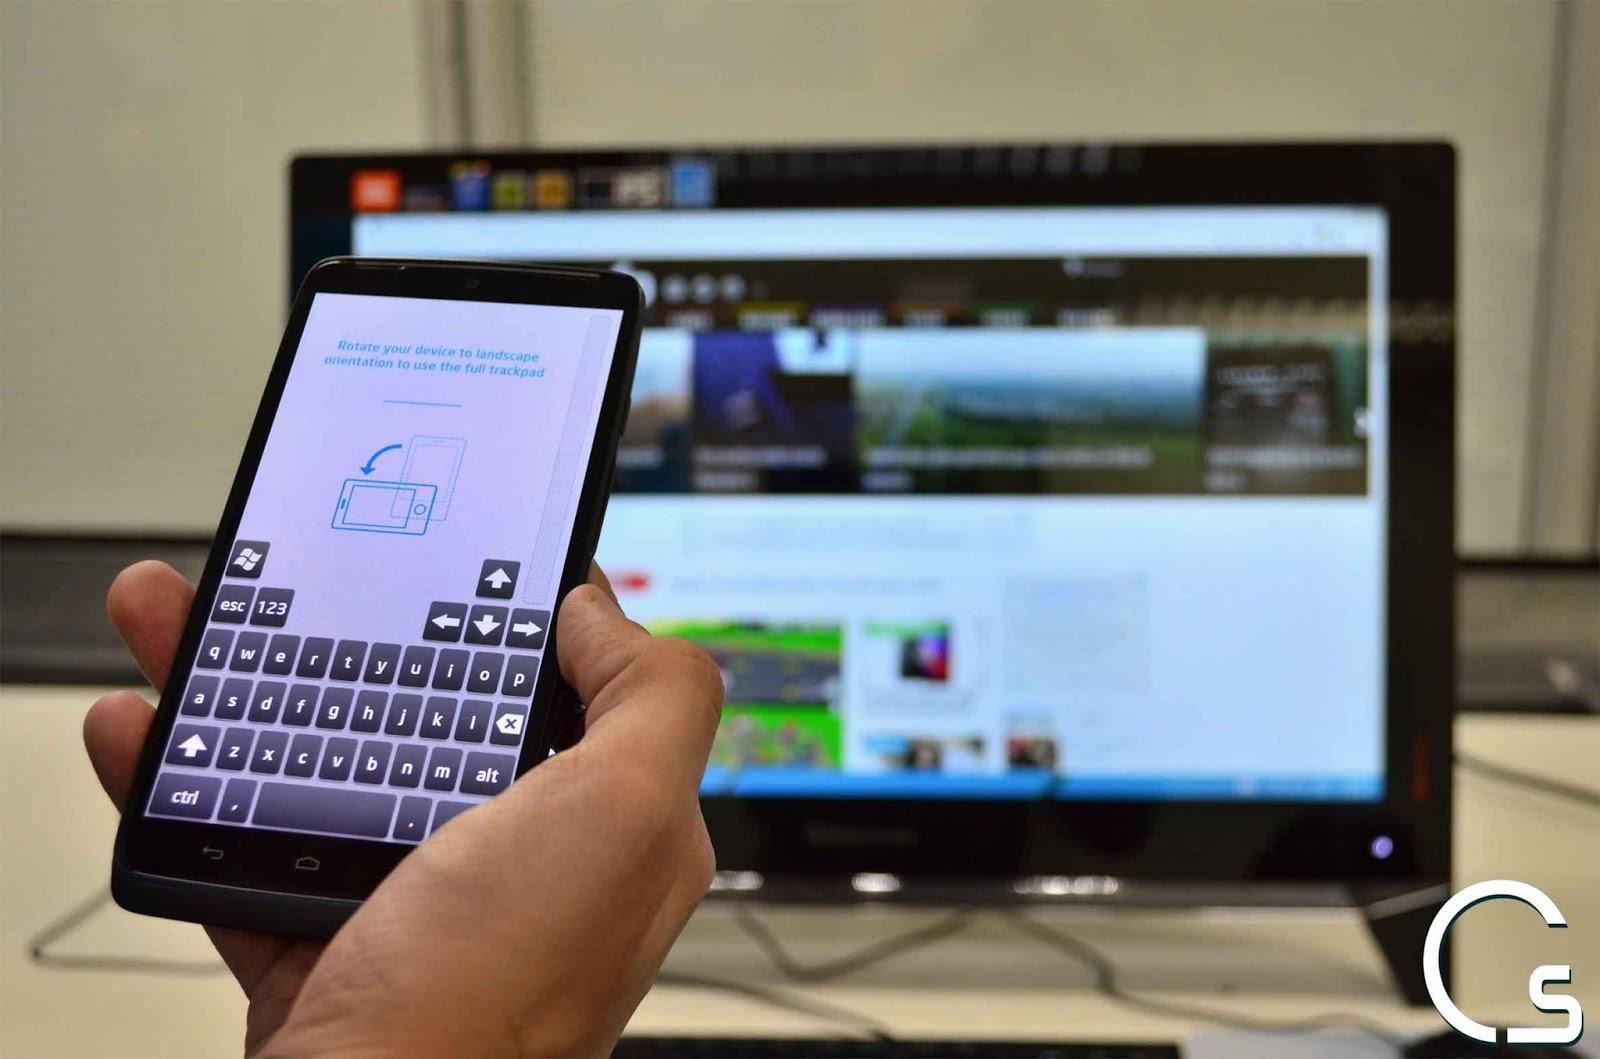 طريقة التحكم بالكمبيوتر الخاص بك باستخدام هاتفك الاندرويد